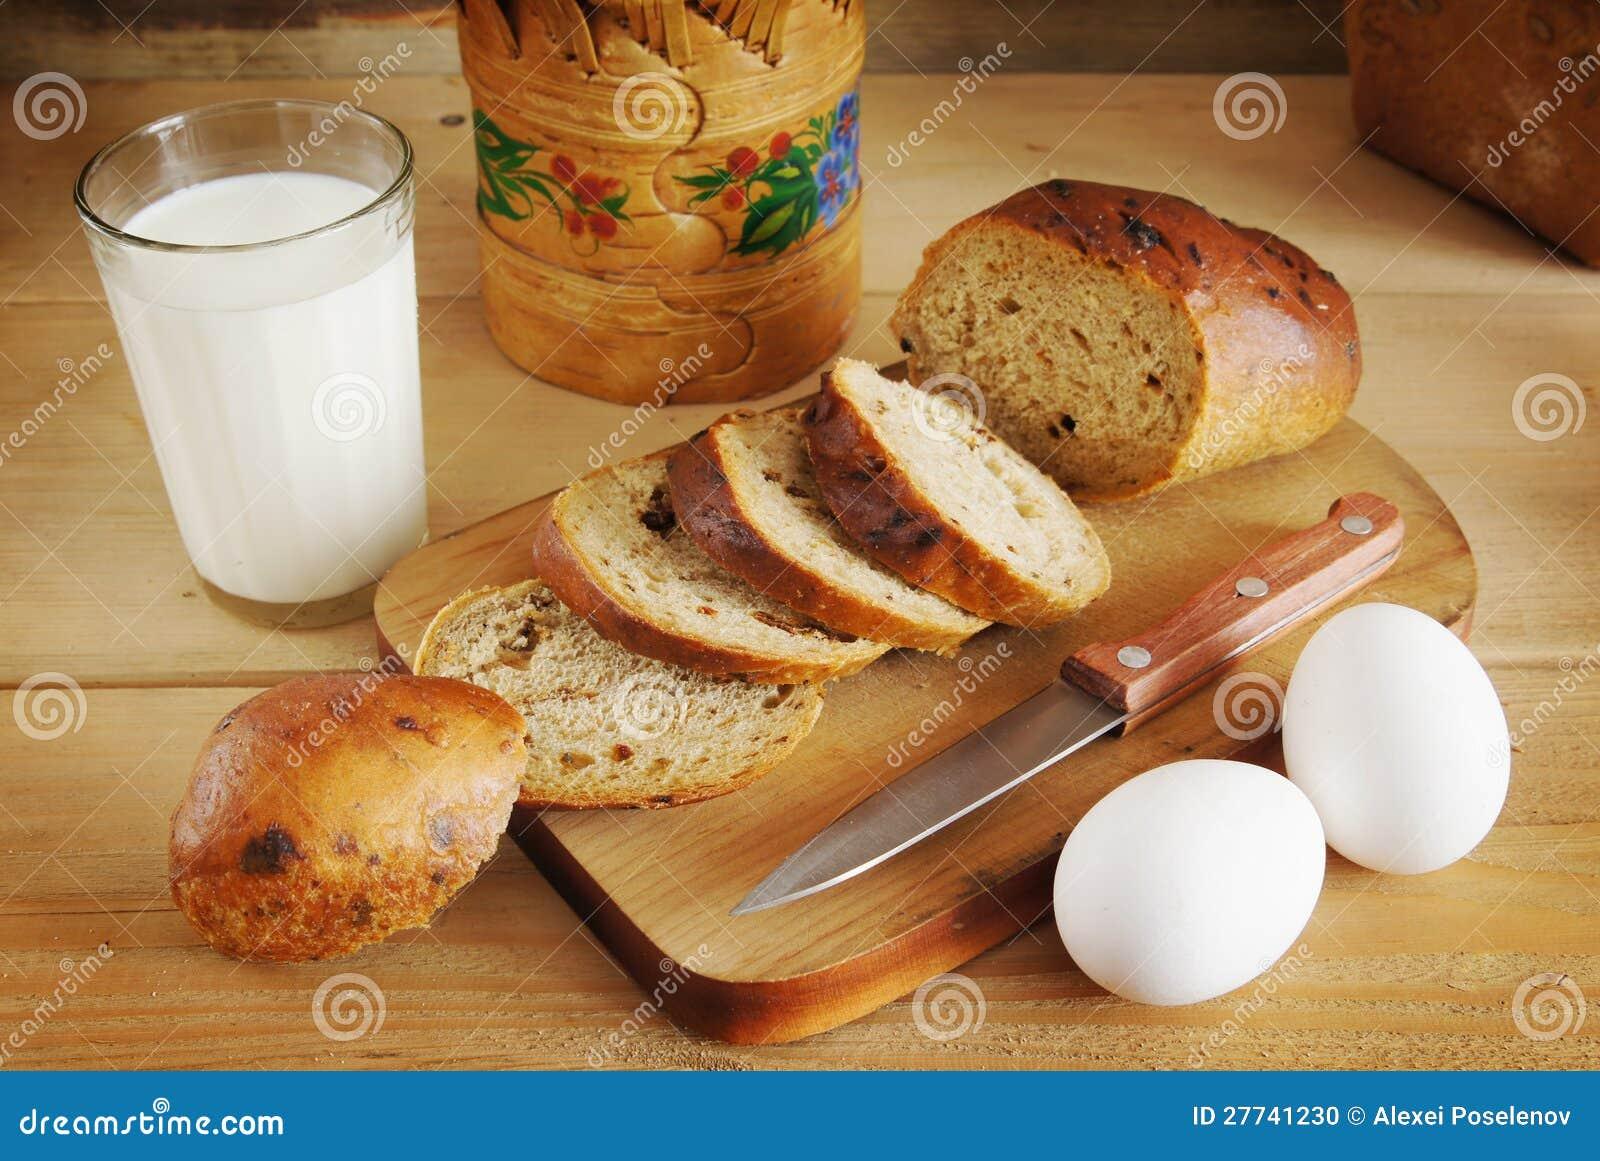 Stilleven met roggebrood en een glas melk